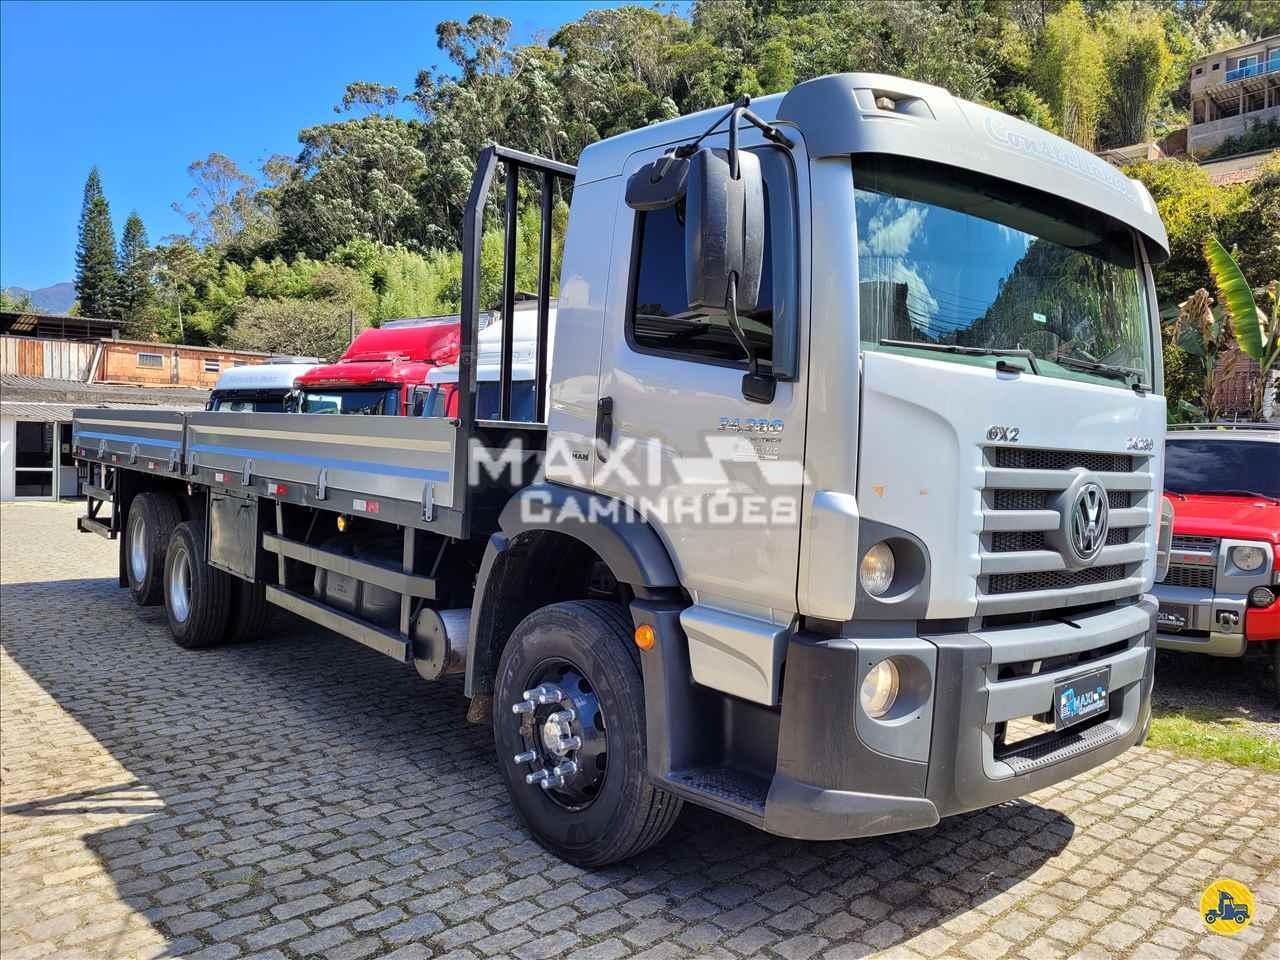 CAMINHAO VOLKSWAGEN VW 24280 Carga Seca Truck 6x2 Maxi Caminhões TERESOPOLIS RIO DE JANEIRO RJ